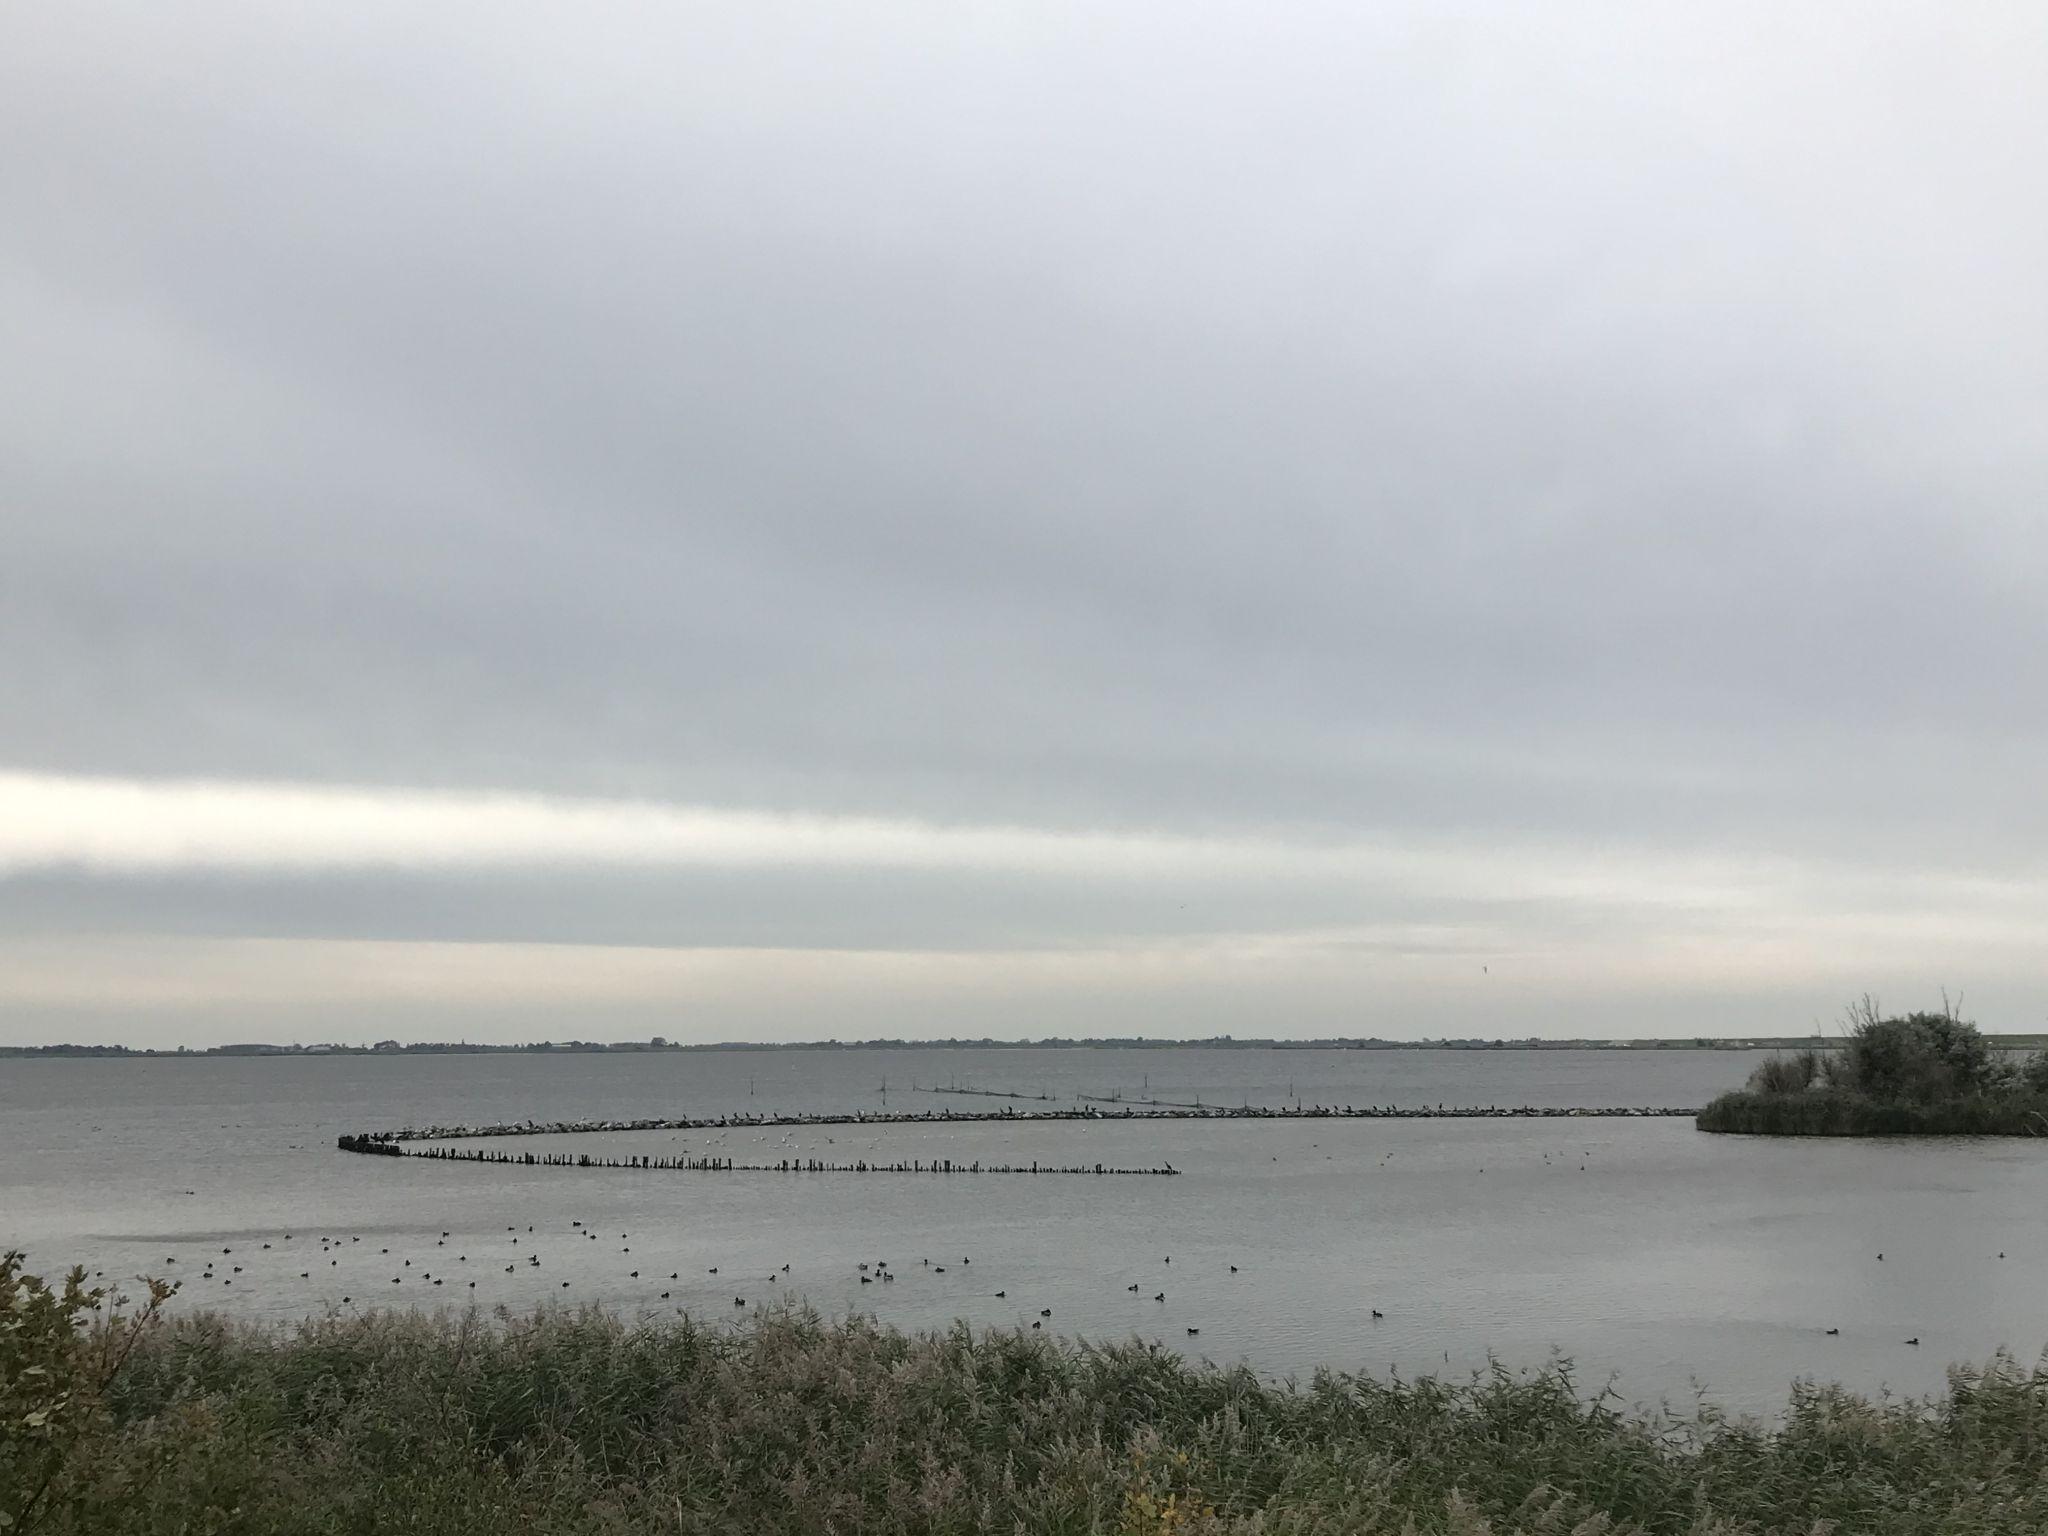 Gerbrandywei - Lauwersoog, Netherlands